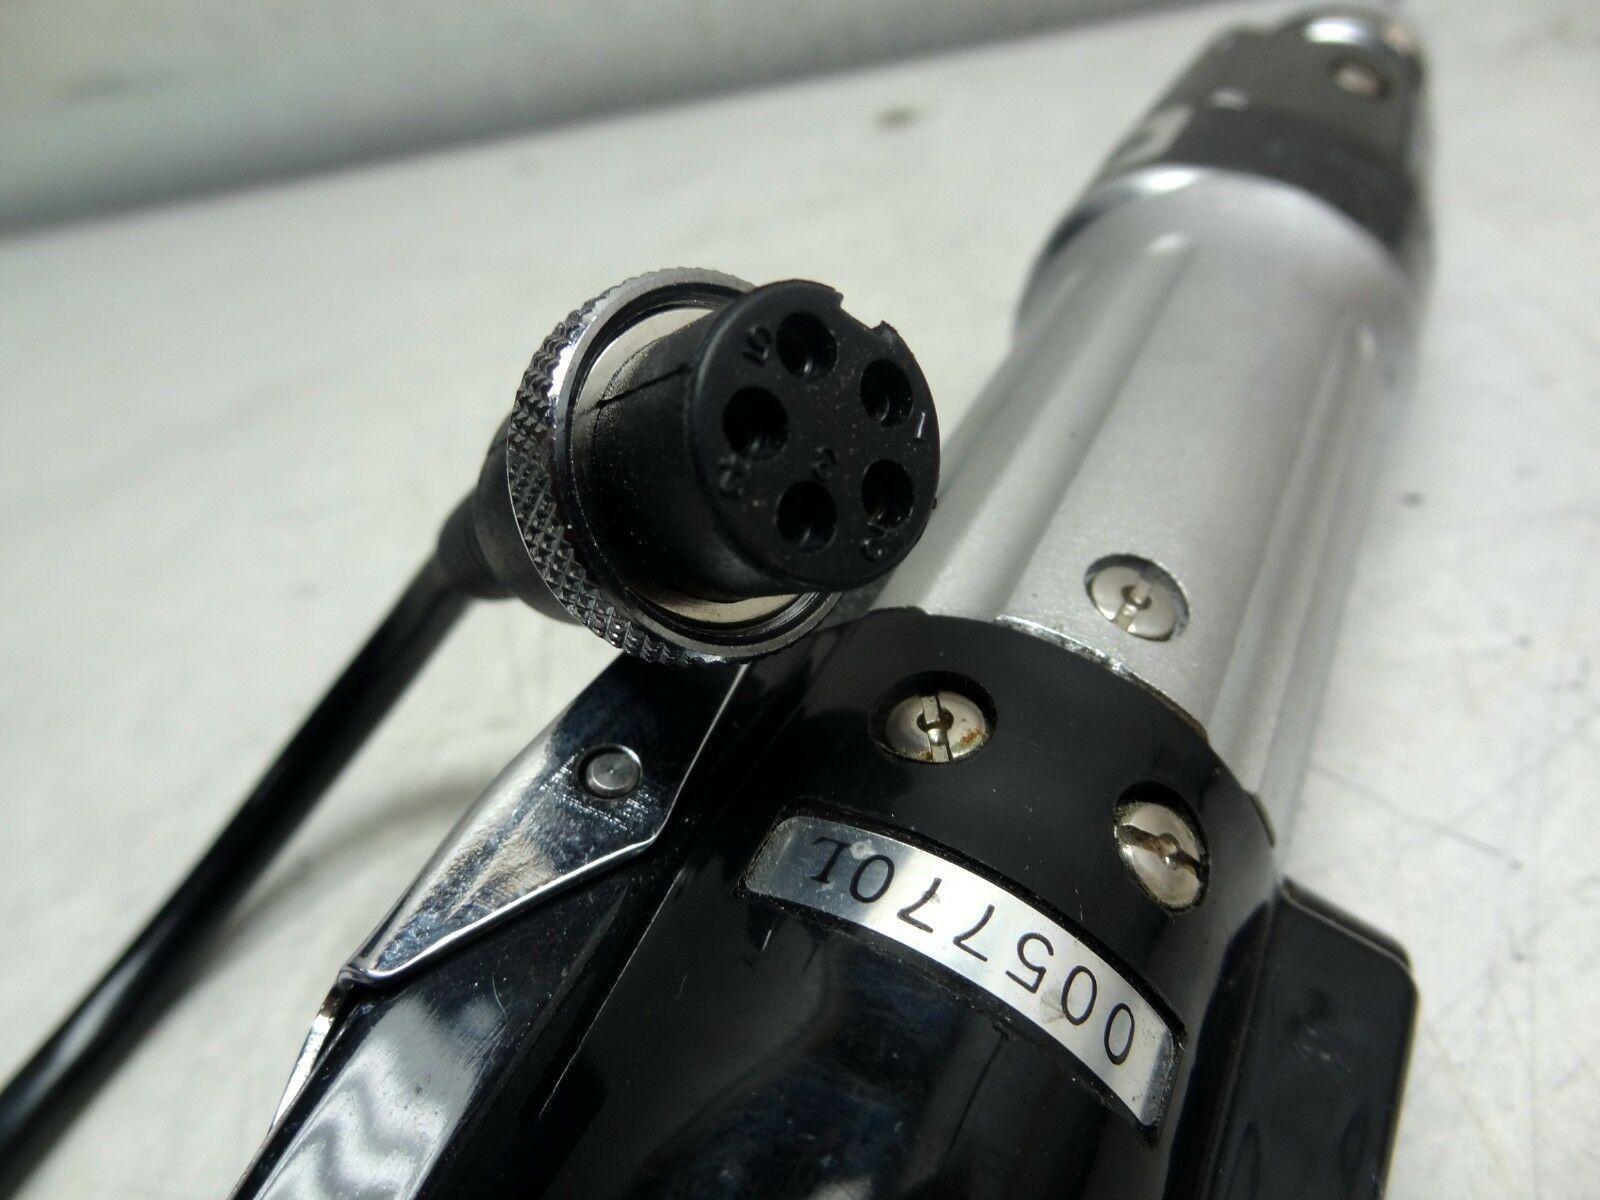 ASG CL-6500 H10S TORQUE SCREWDRIVER HI0S